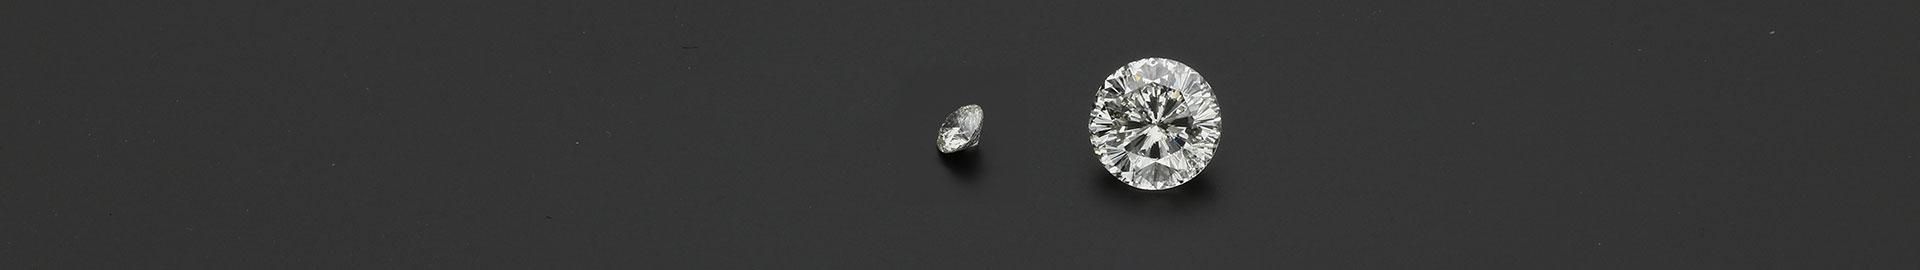 Star of Amsterdam diamond | Unique, beautiful & special Zazare Diamonds